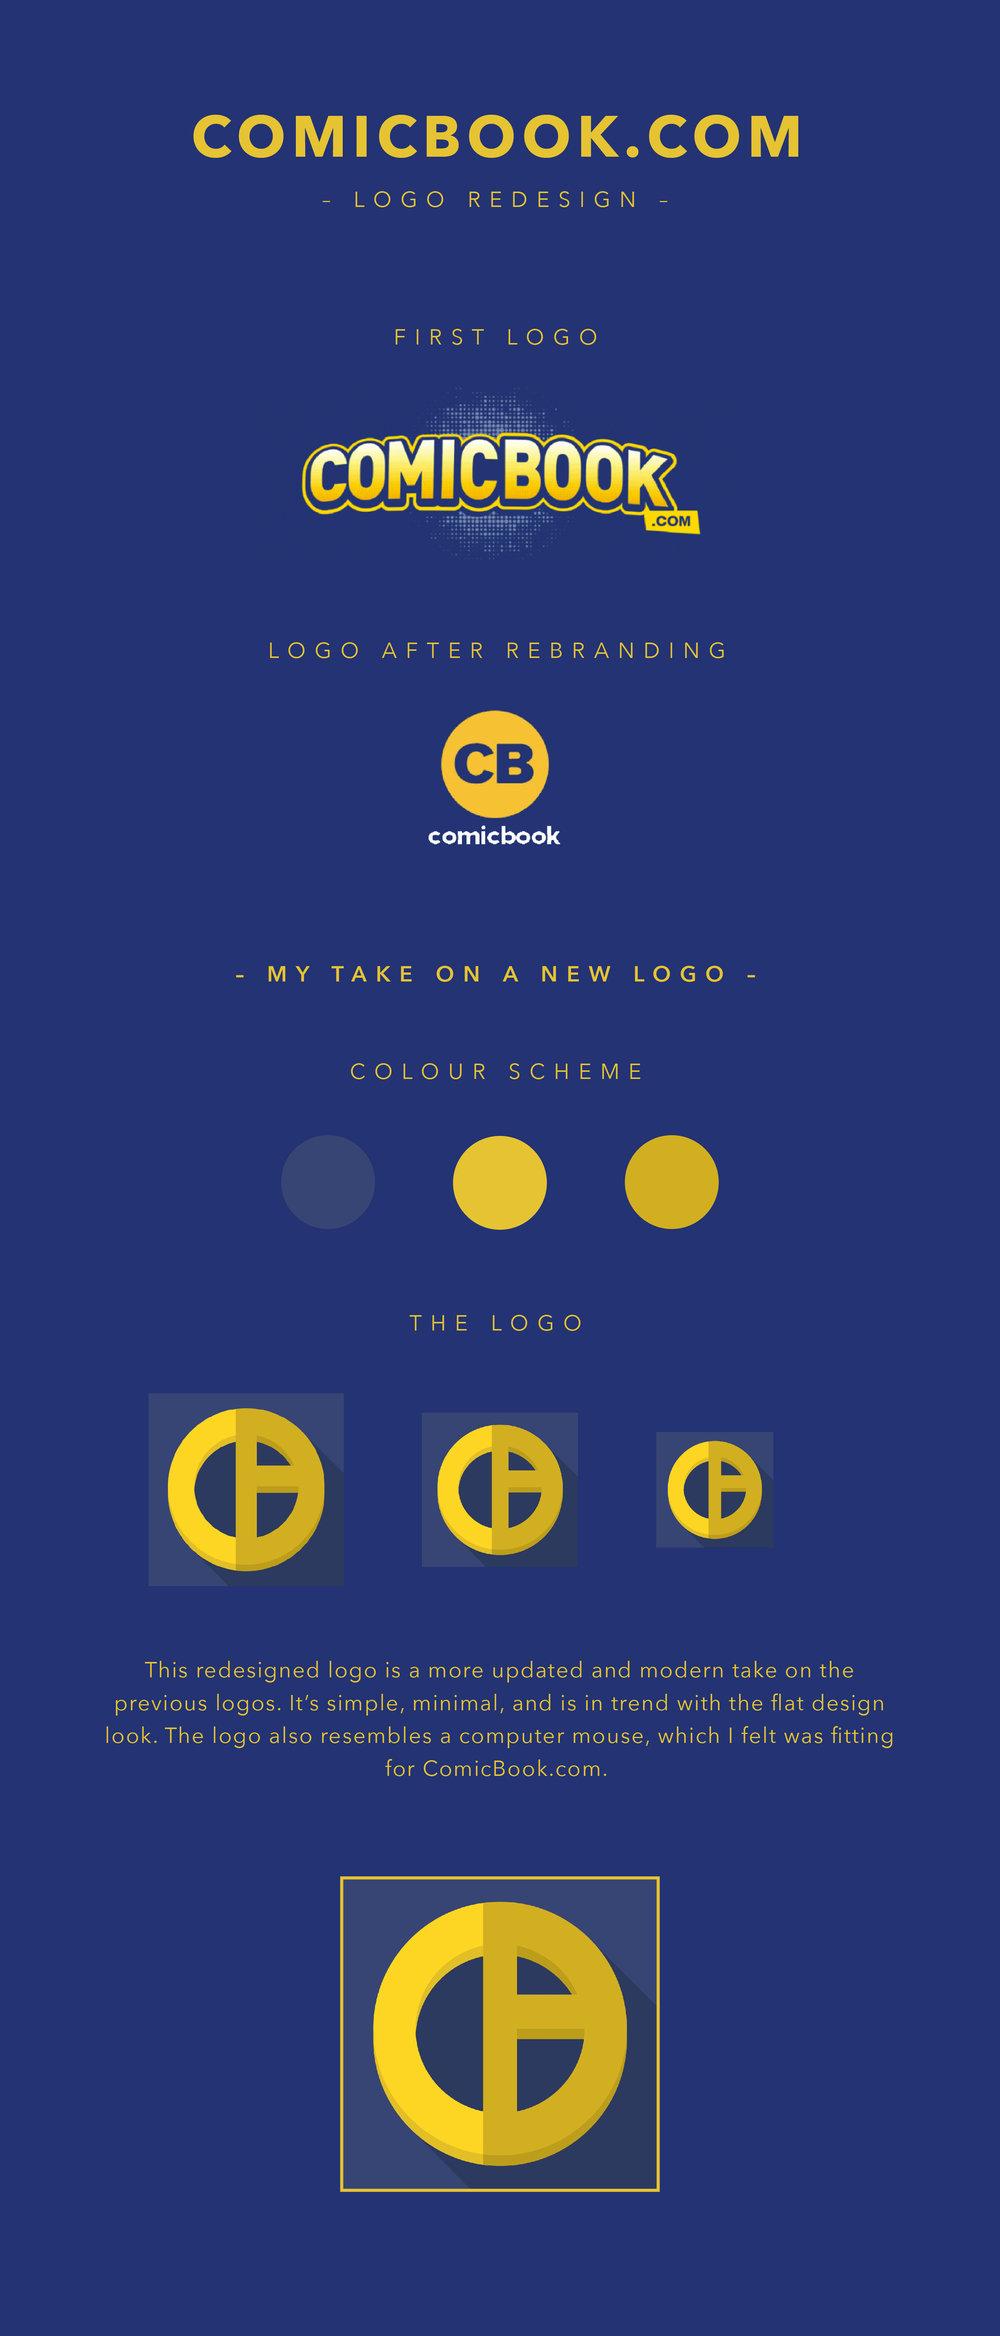 comicbookcom_logo_redesign_idea.jpg